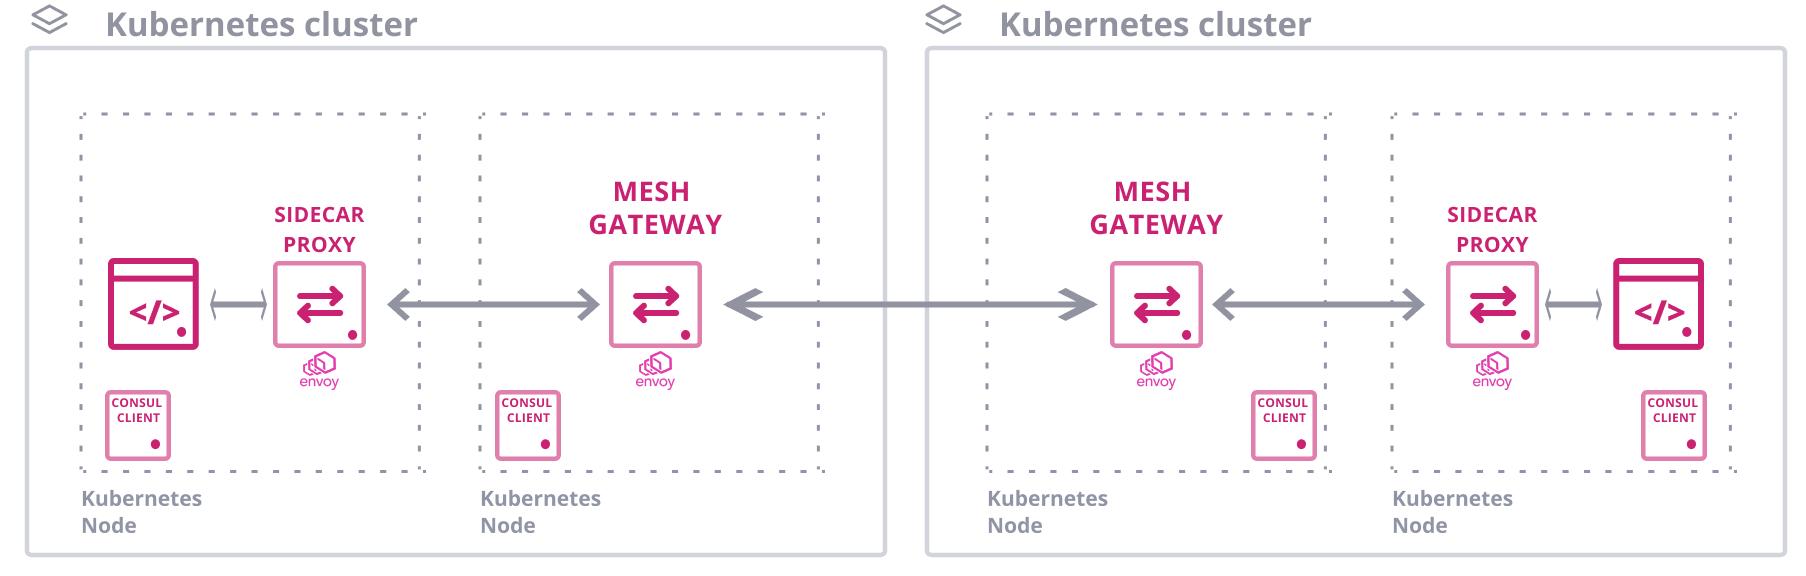 Kubernetes Mesh Gateway Diagram